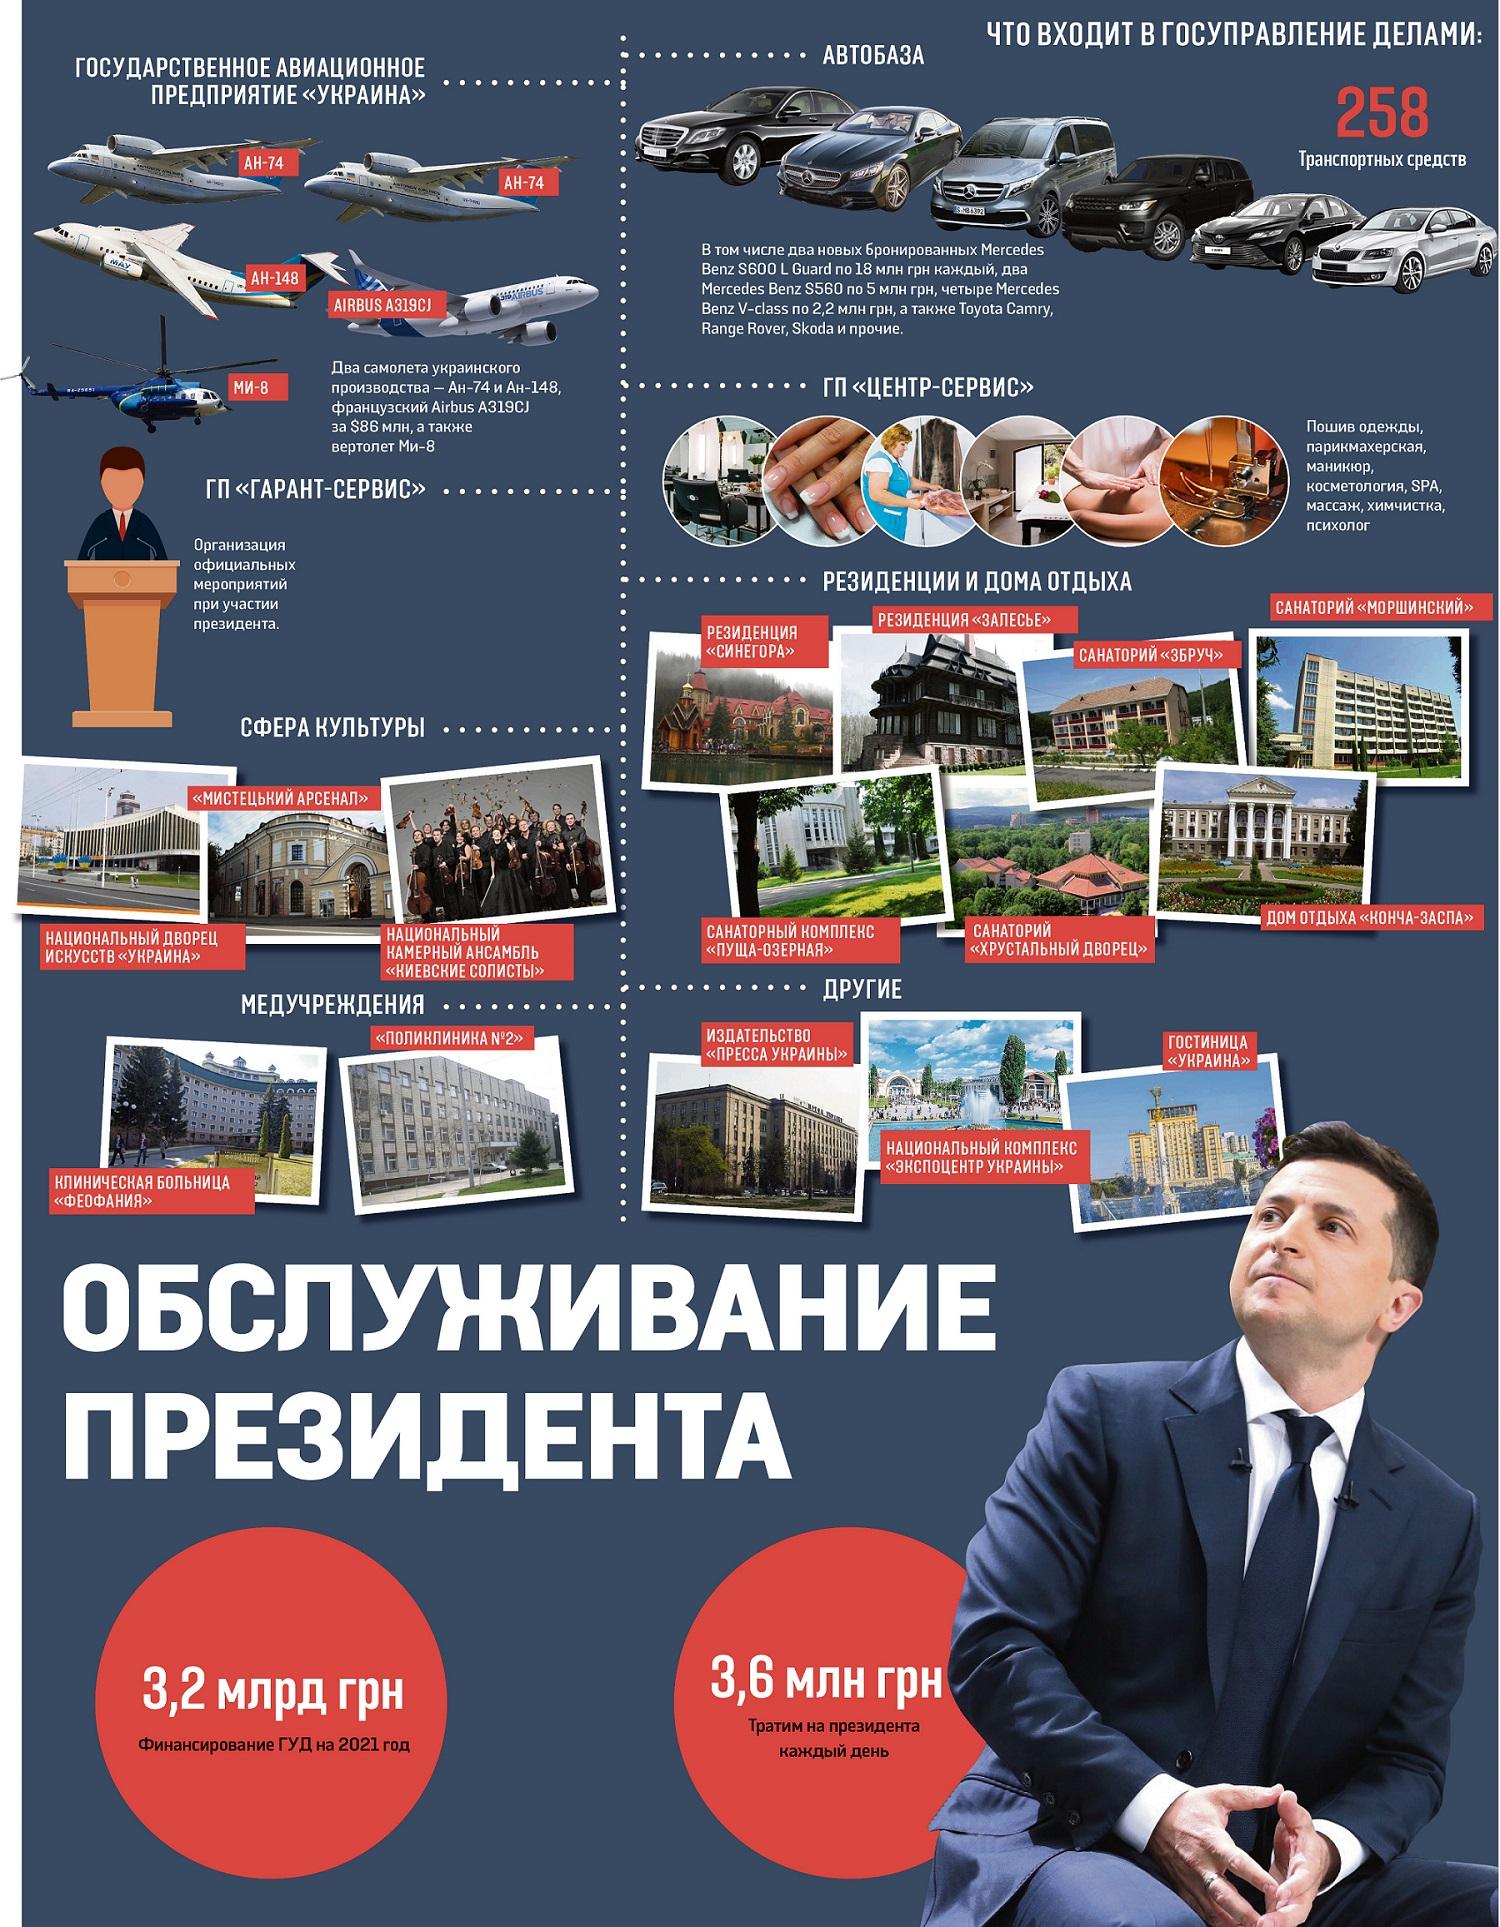 3,6 млн гривен в день. Как работает свита президента и сколько это стоит